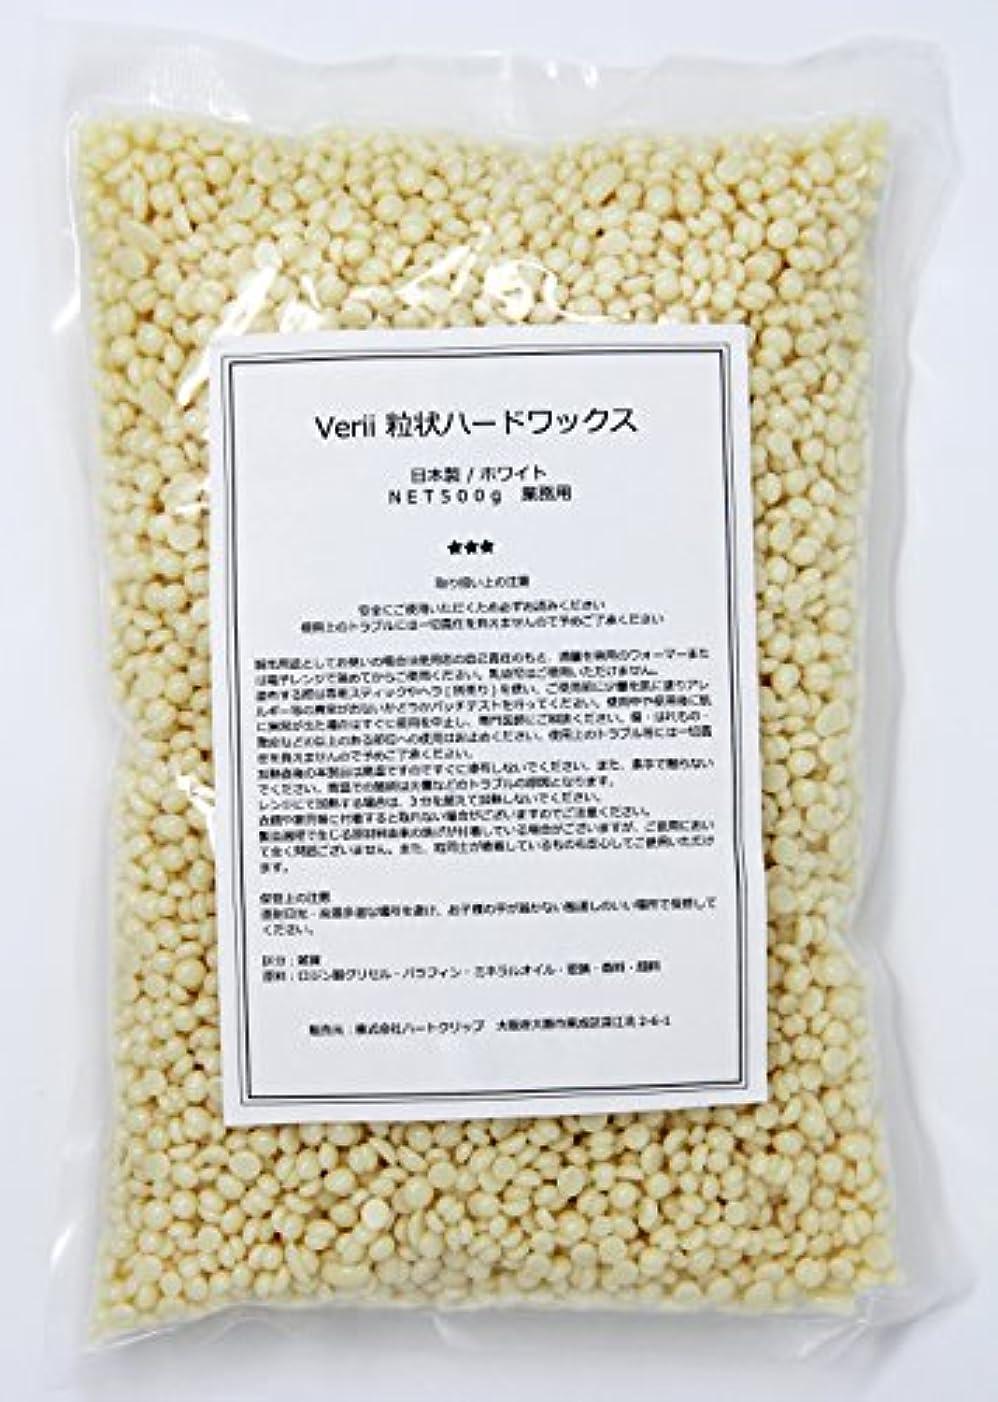 同封する混乱したとしてVerii 【鼻毛ワックス】粒状ハードワックス ホワイト (100g)